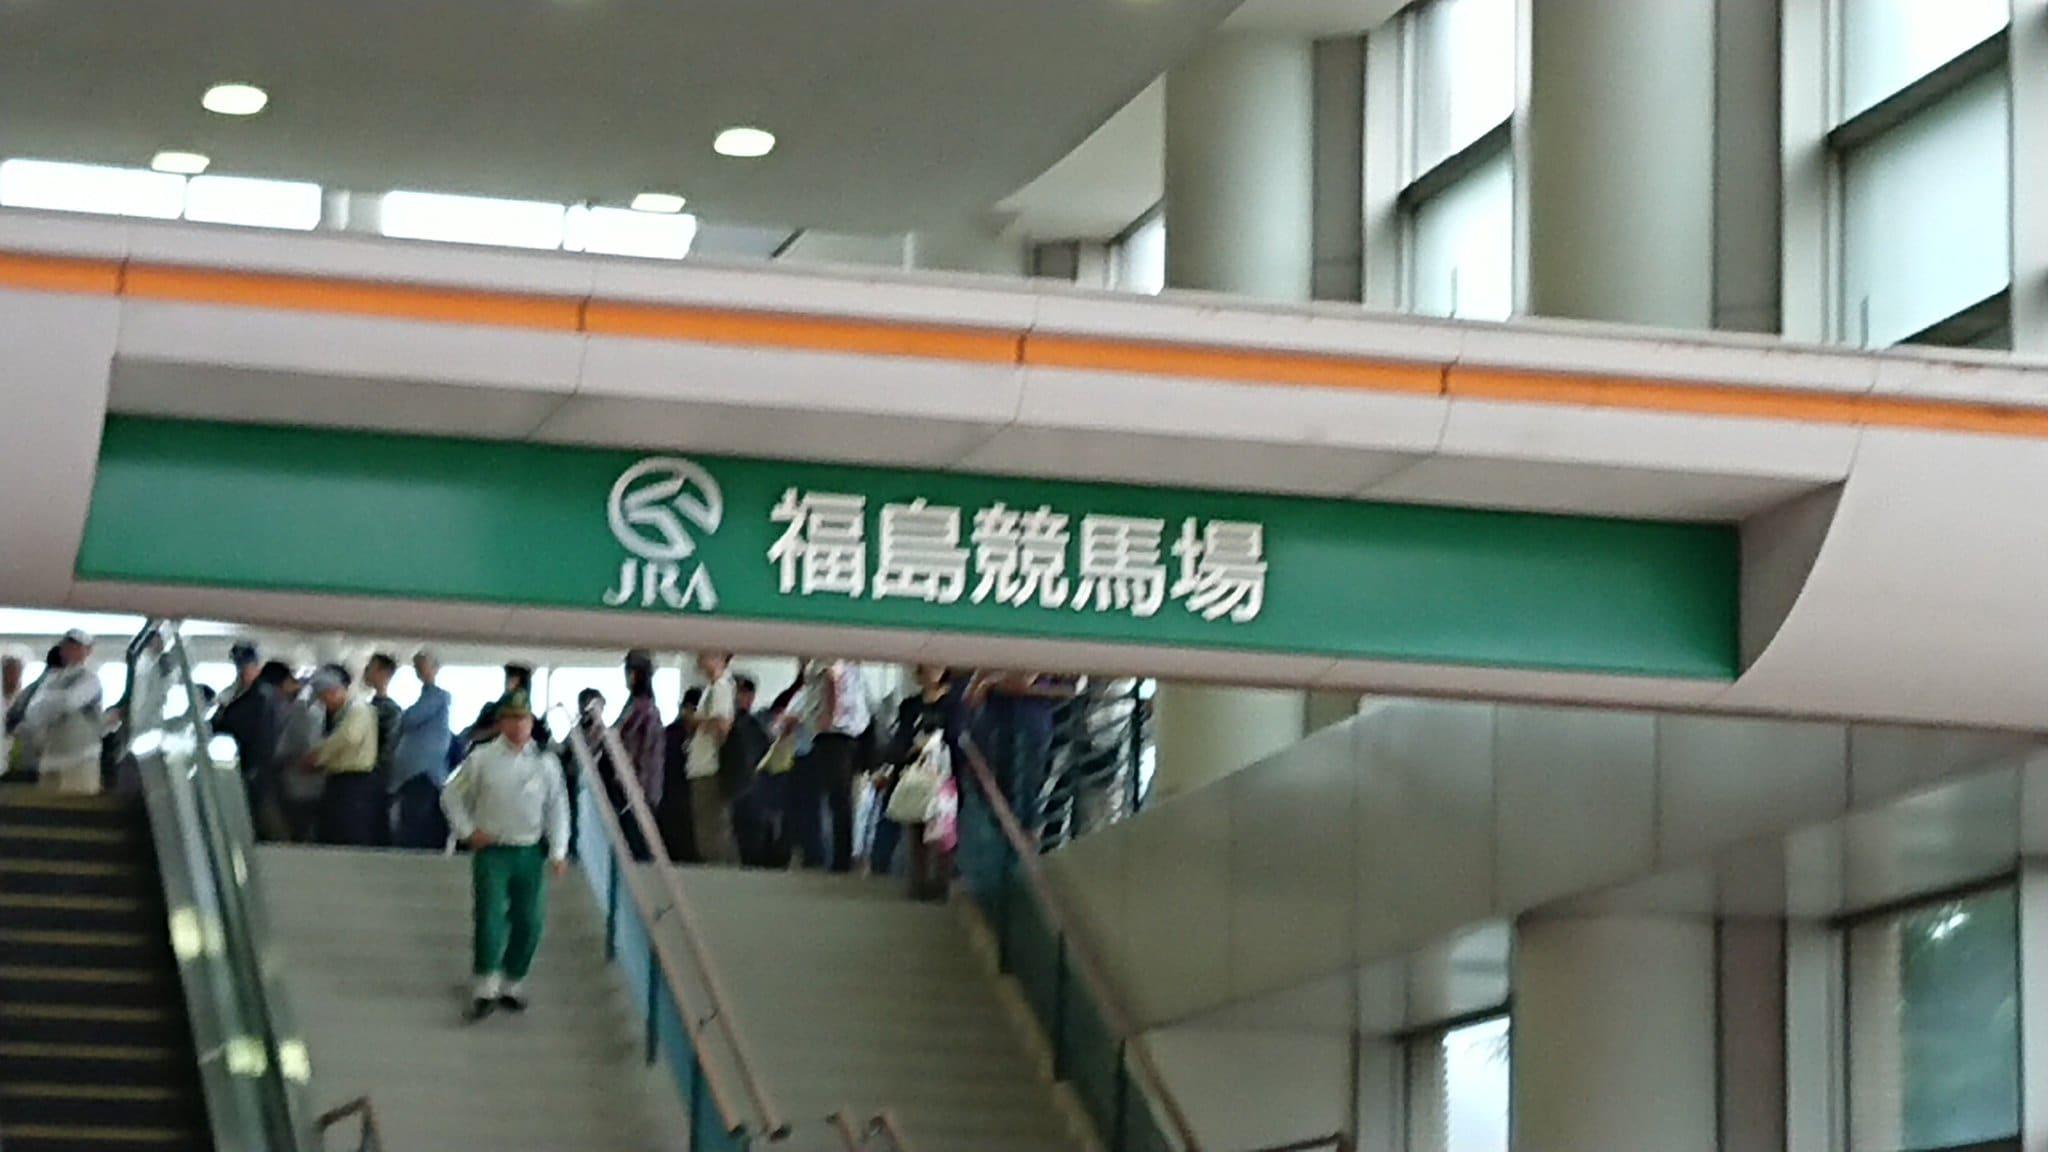 福島競馬場 入口